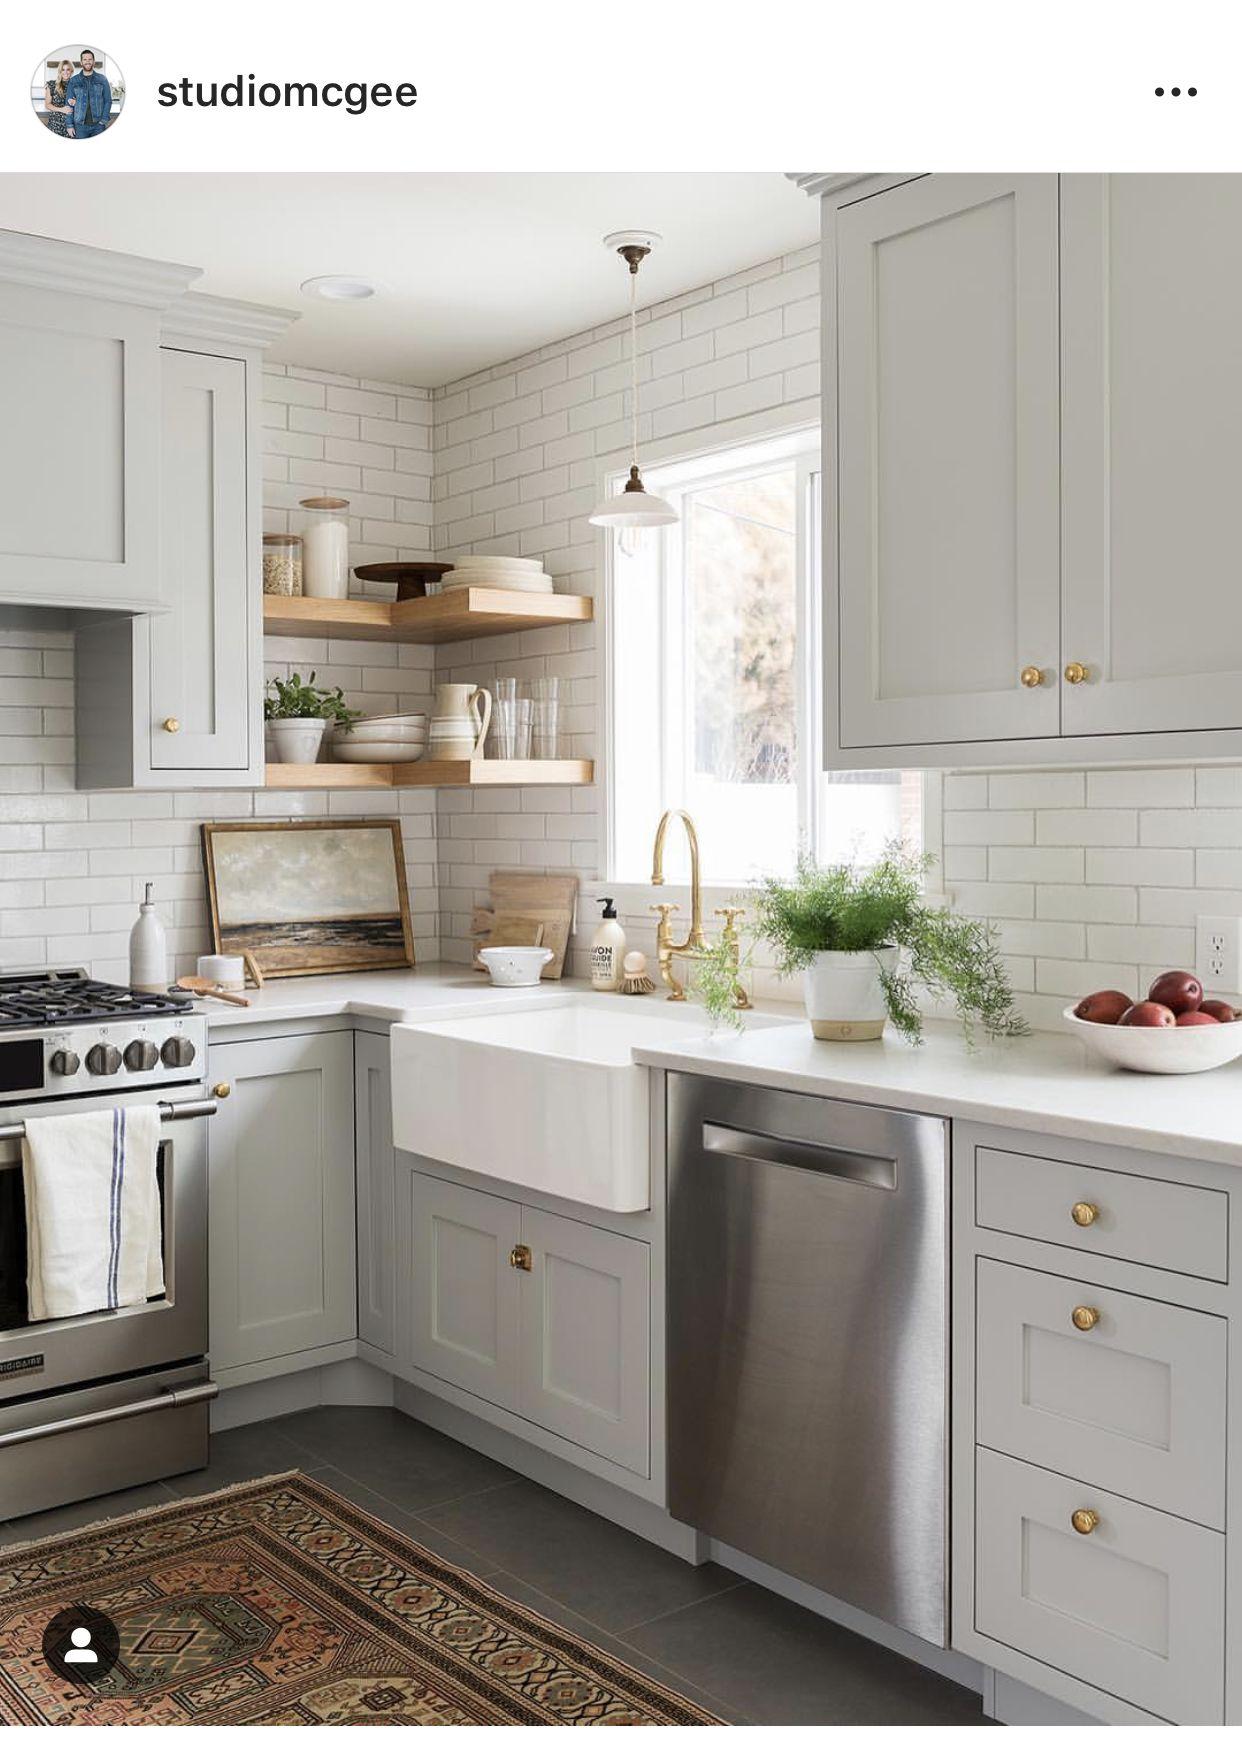 Pin By Megan Rossman On K I T C H E N S D I N I N G S Kitchen Design Small Kitchen Inspirations Kitchen Design